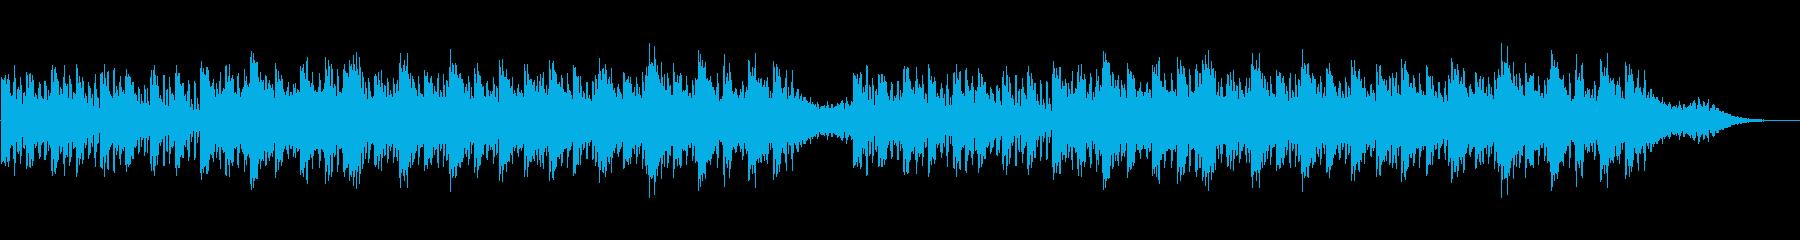 出発段階の再生済みの波形